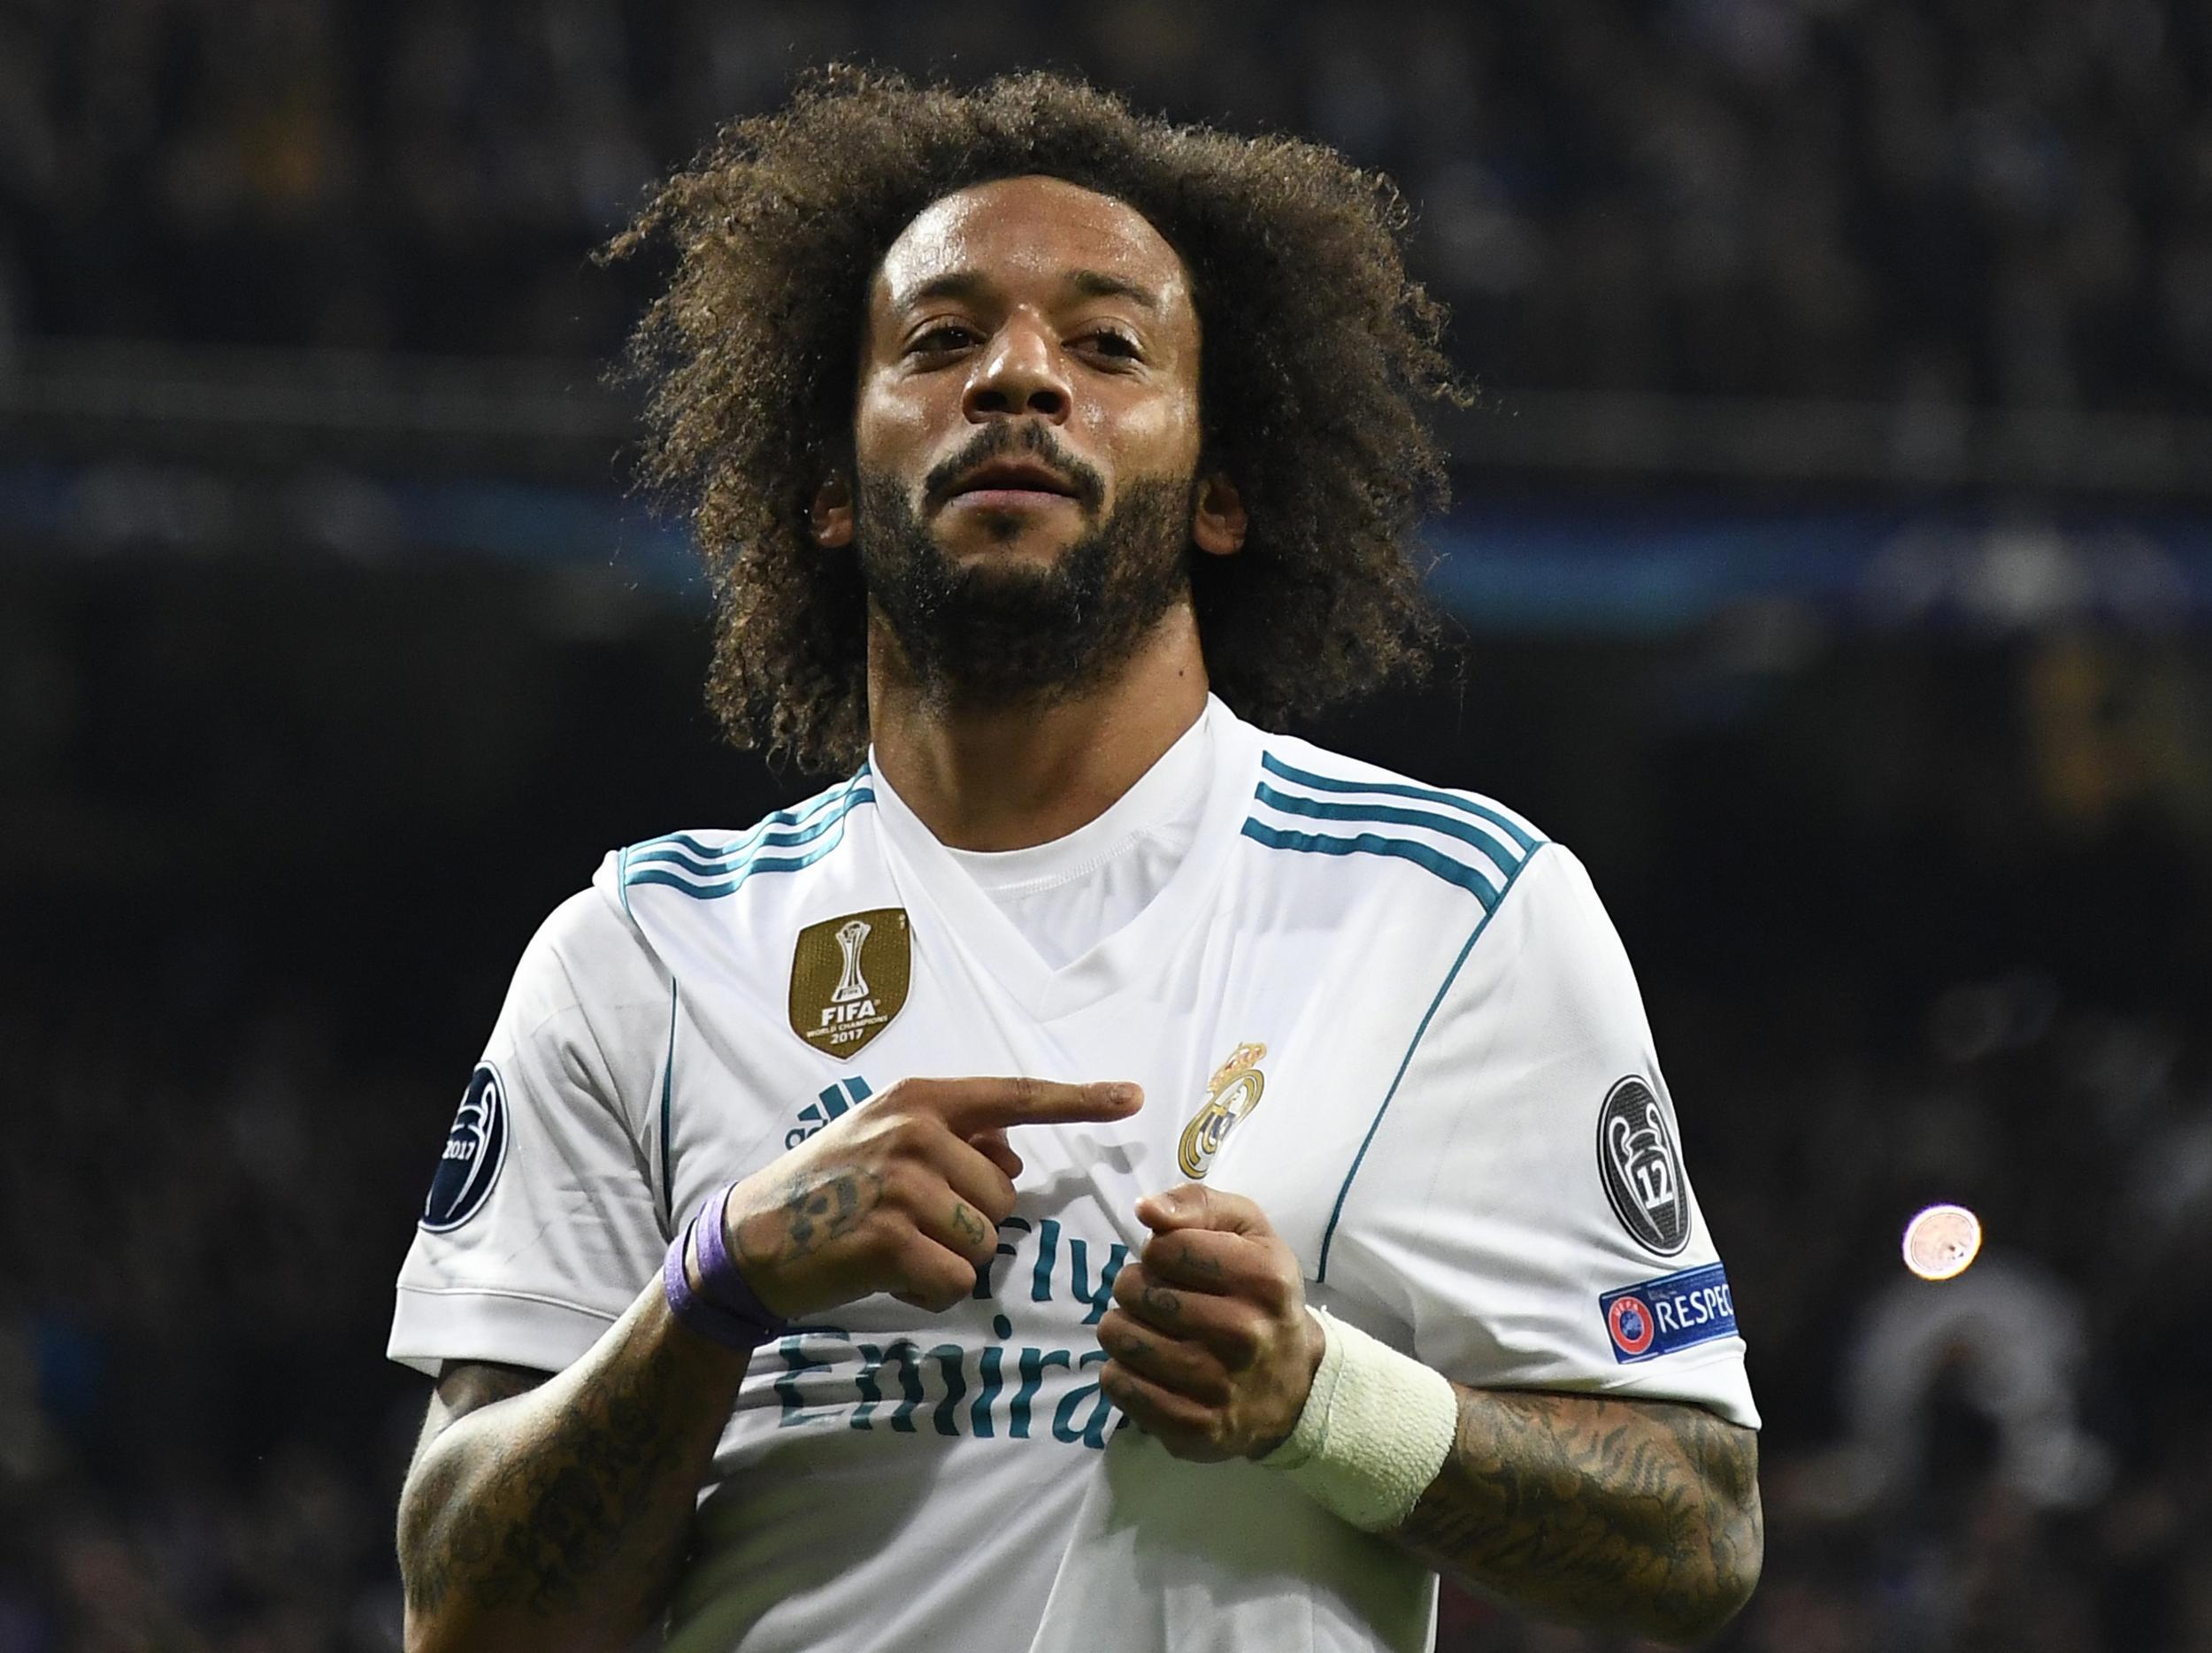 69. Marcelo